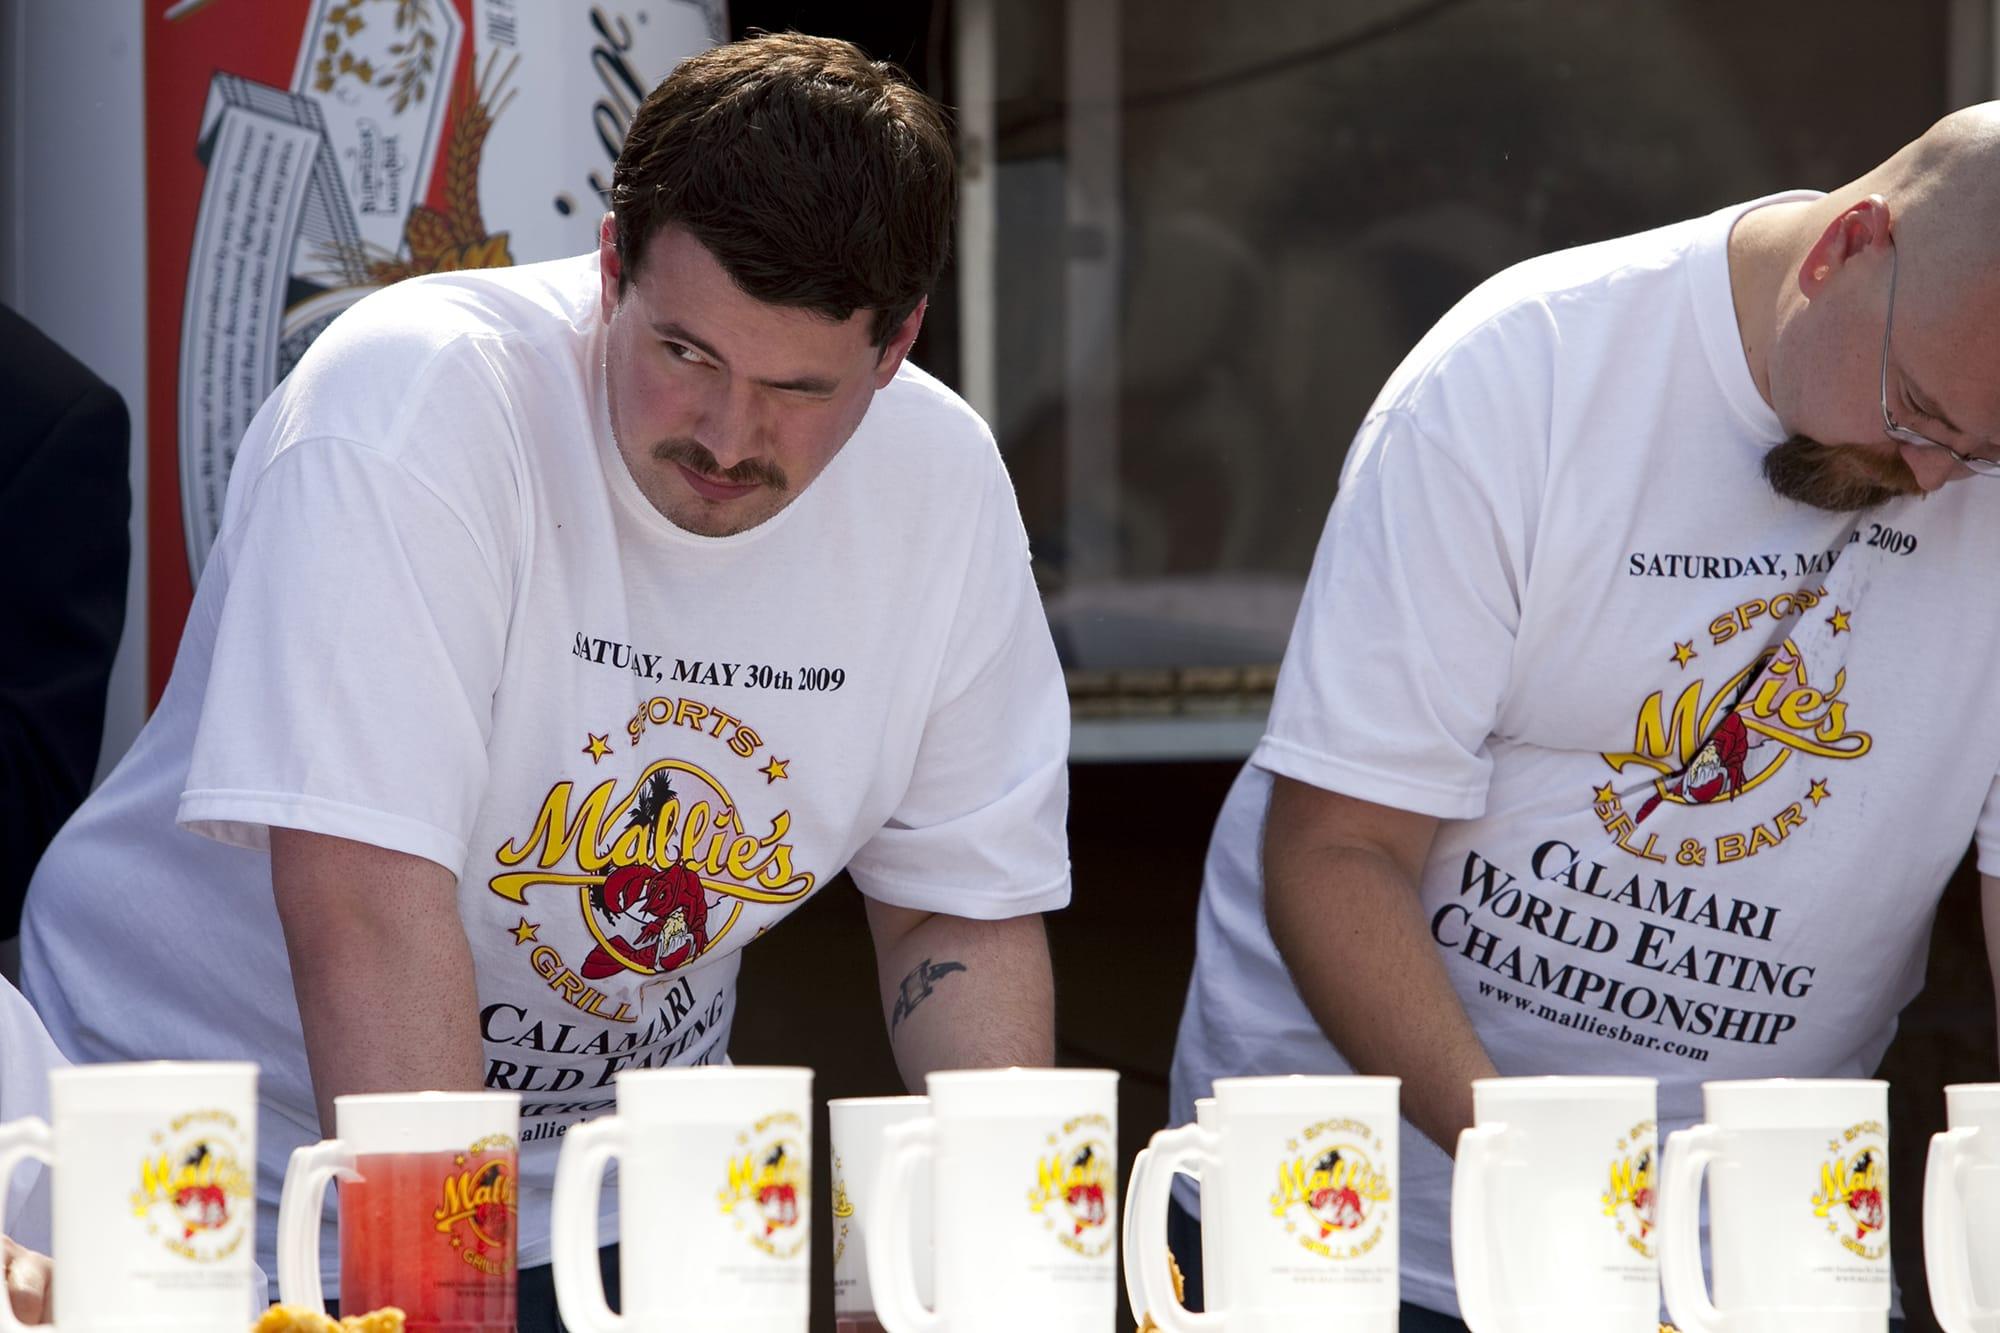 Calamari eating contest in Southgate, Michigan